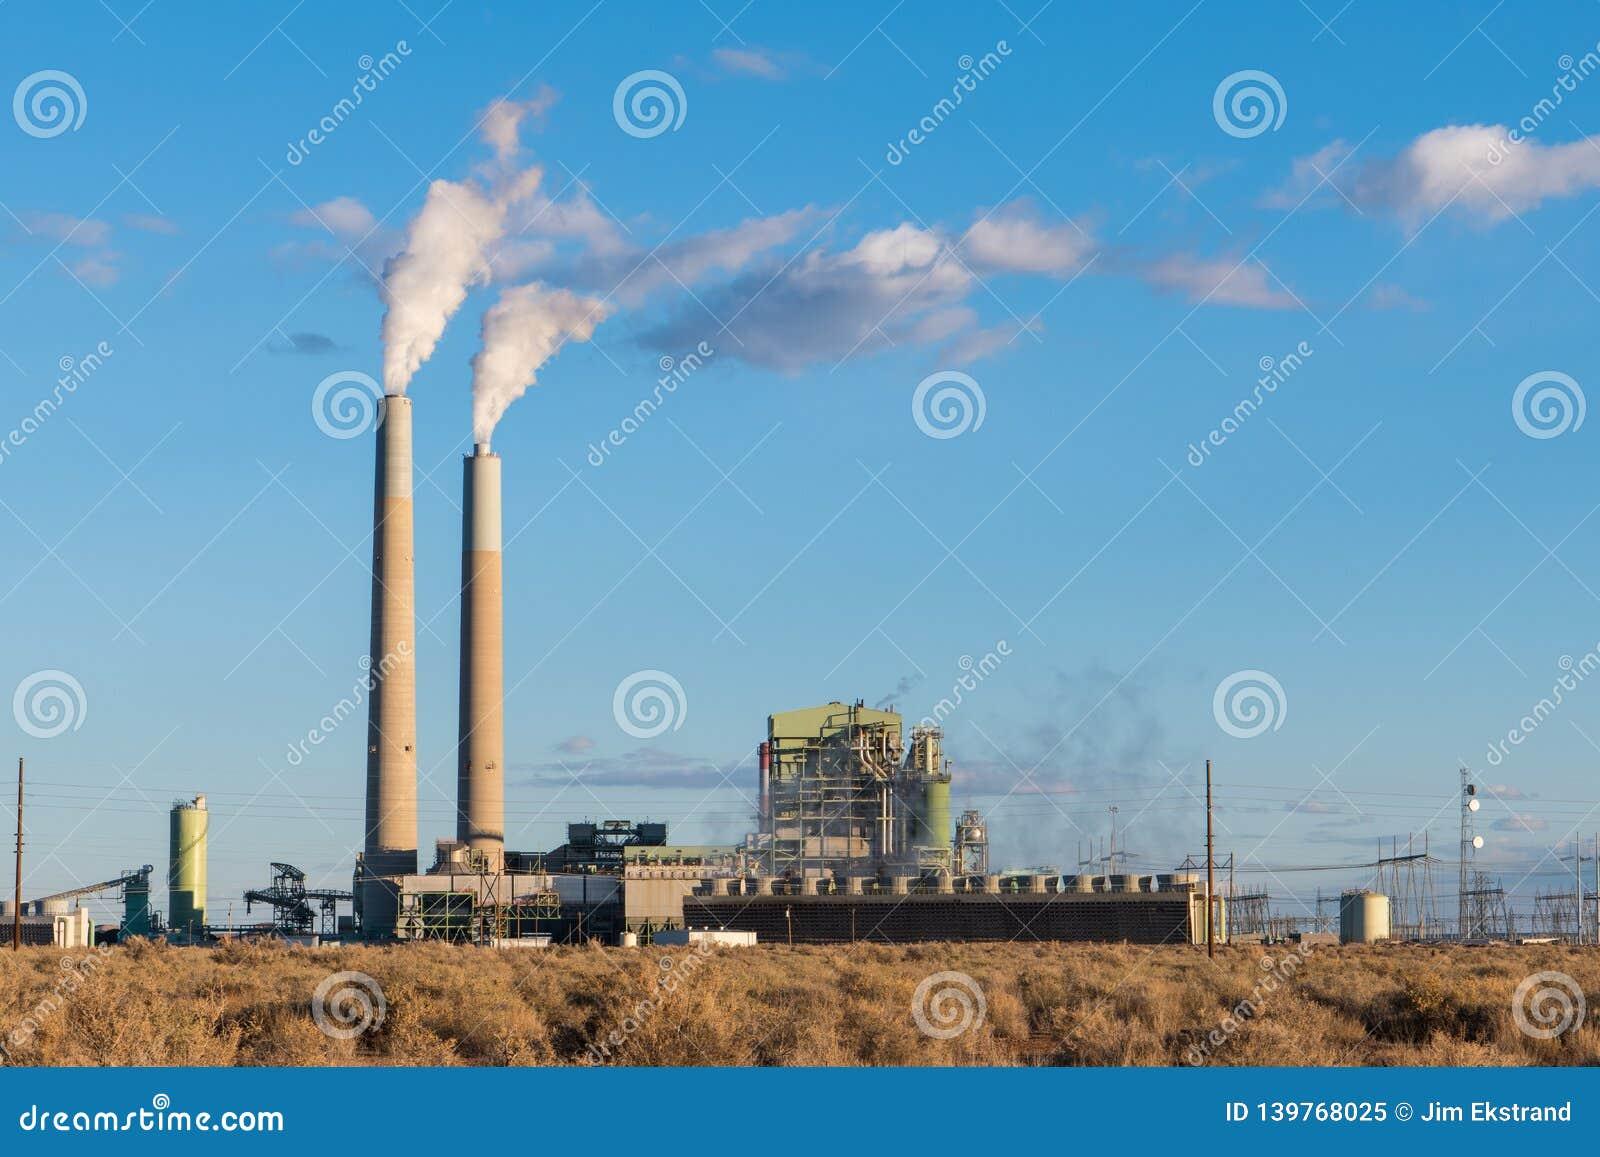 Угл-увольнятьая электрическая станция электропитания с дымовыми трубами испуская шлейфы дыма в юго-западных Соединенных Штатах